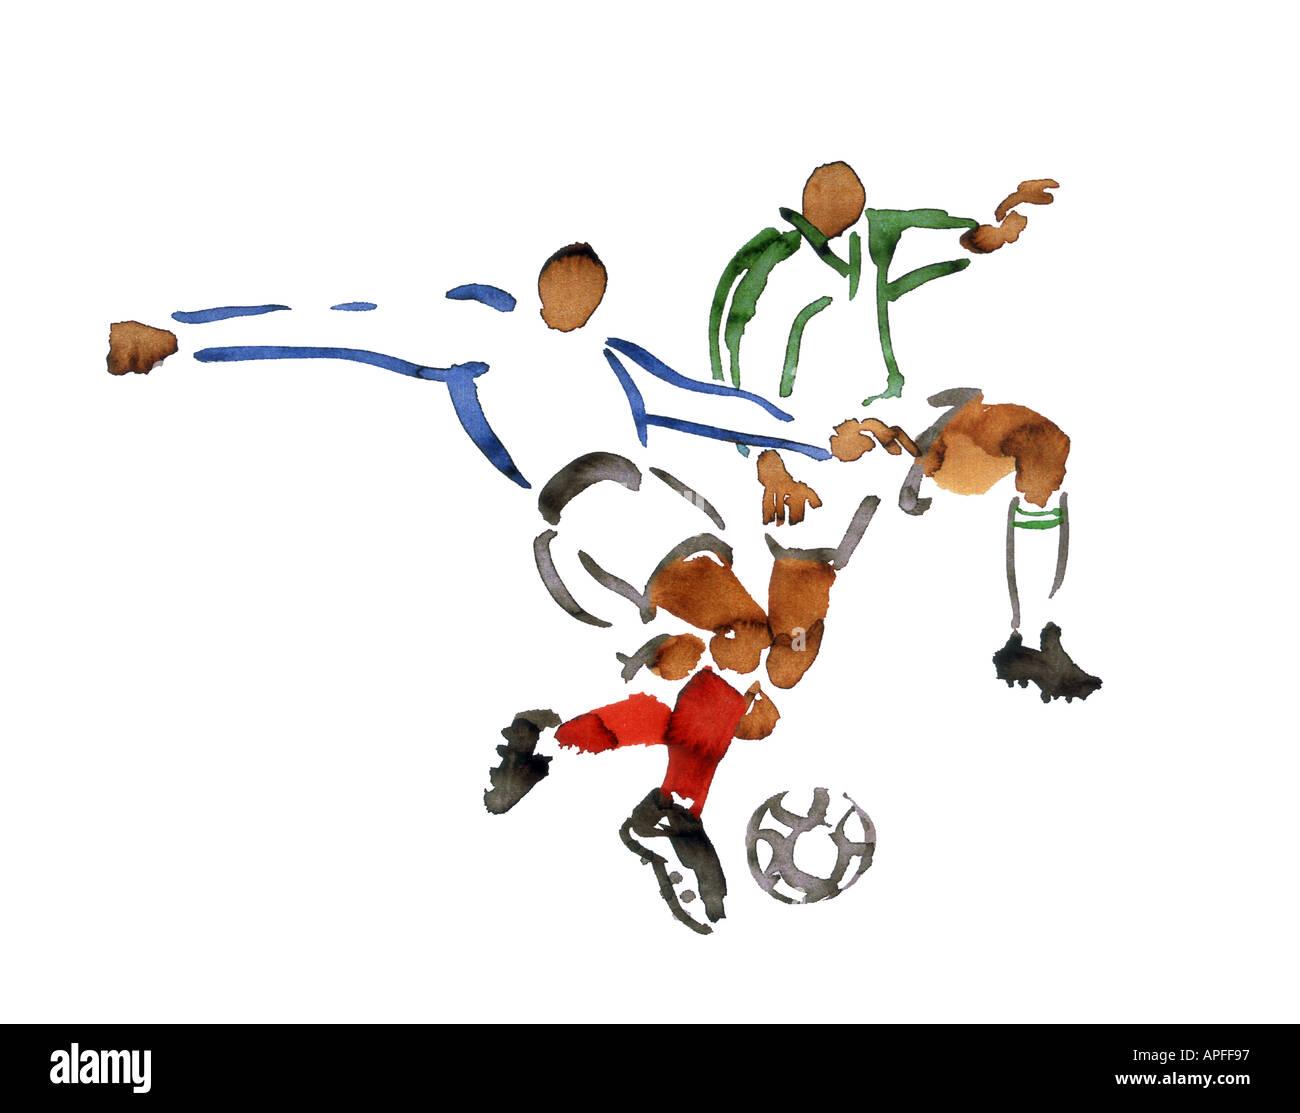 Illustrazioni Sport Sport di squadra giochi con la palla calcio Immagini Stock